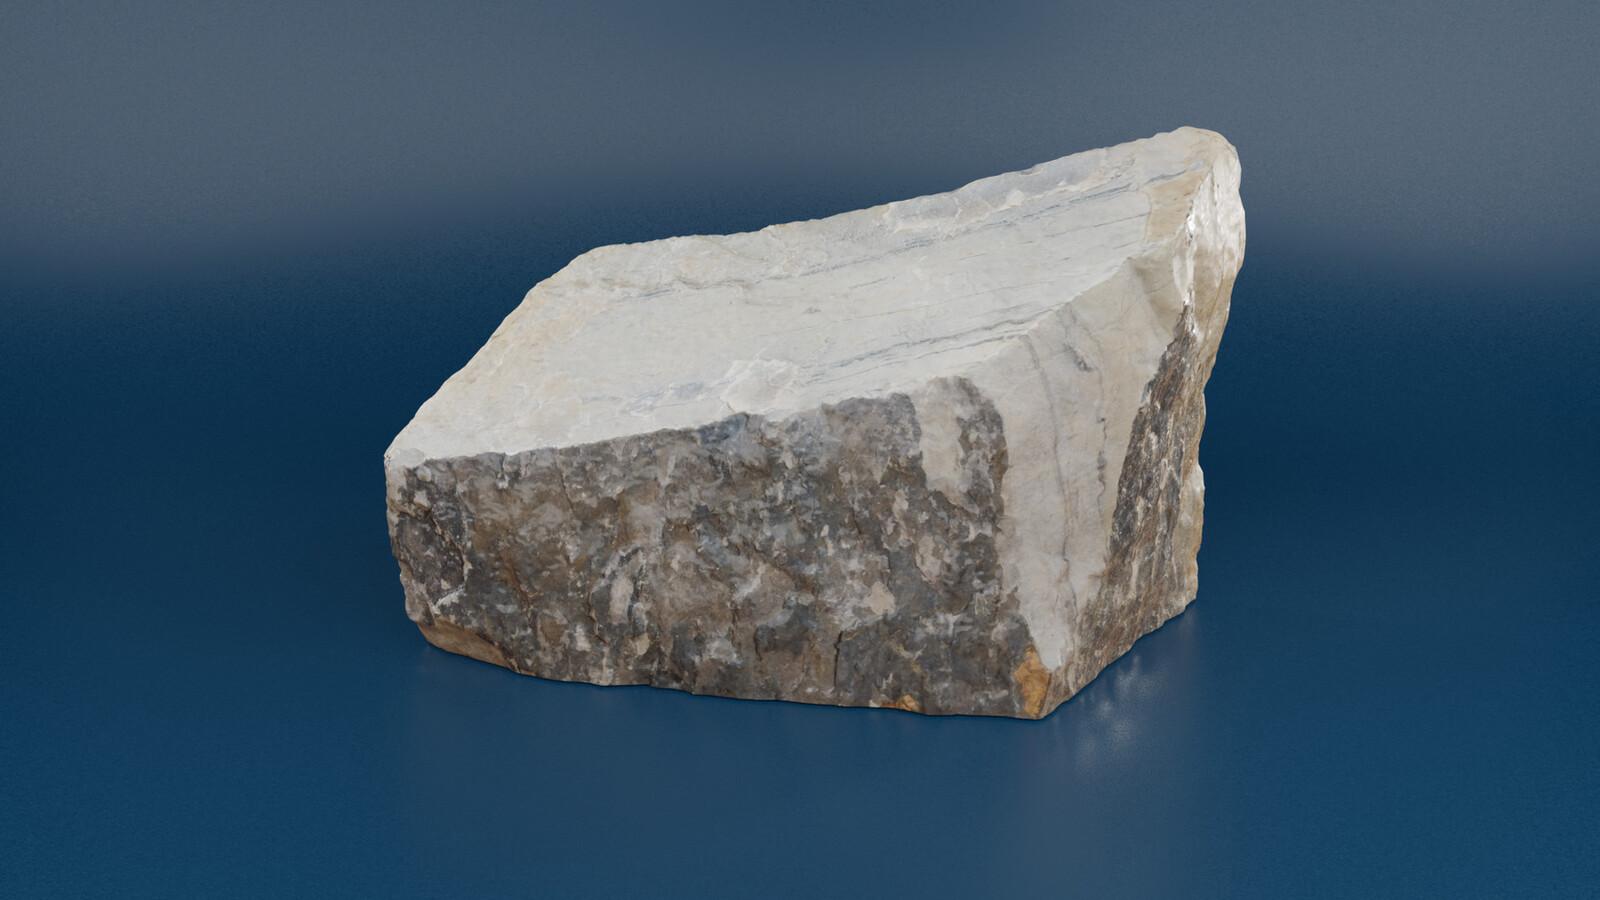 Photo scanned rock from the tutorial. https://artstn.co/m/jnpd